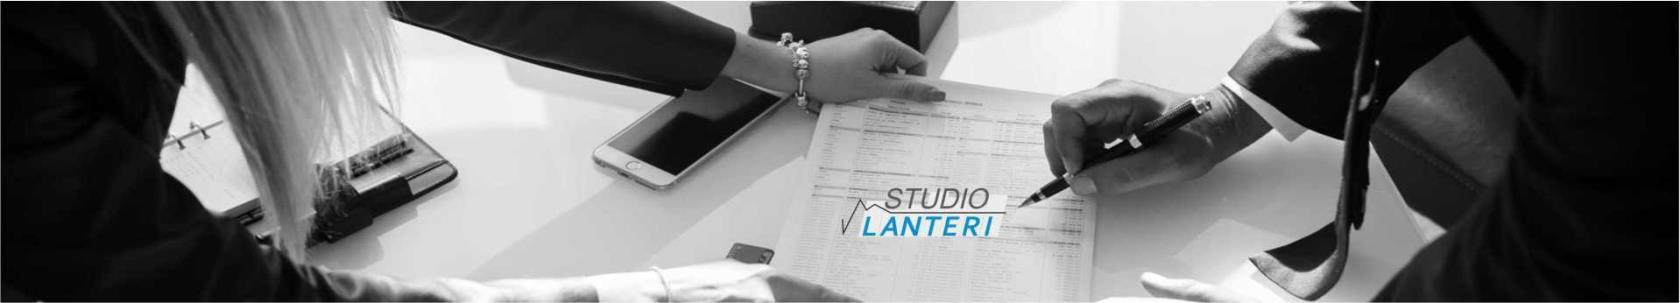 Consulenza Finanziaria Arma di Taggia Imperia Sanremo Liguria Costa Azzurra   Consulenza finanziaria Milano Lombardia   STUDIO LANTERI